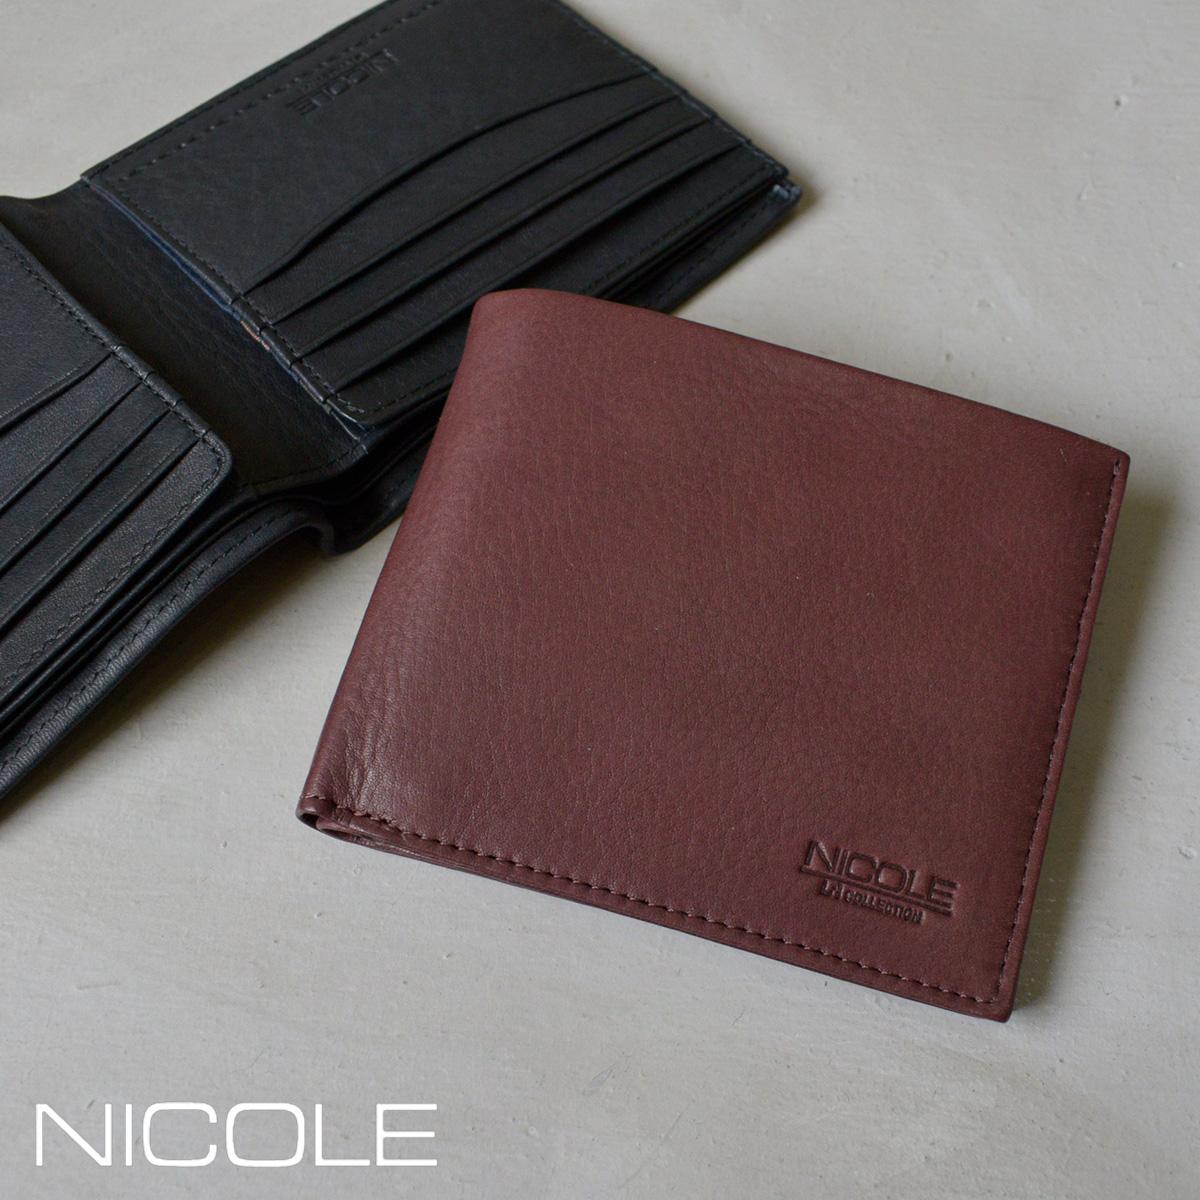 【メッセージカード・ラッピング無料】NICOLE ニコル ギャレット 二つ折り財布 2折財布 小銭入れなし 7305202【メンズ】【父の日】【店頭受取対応商品】